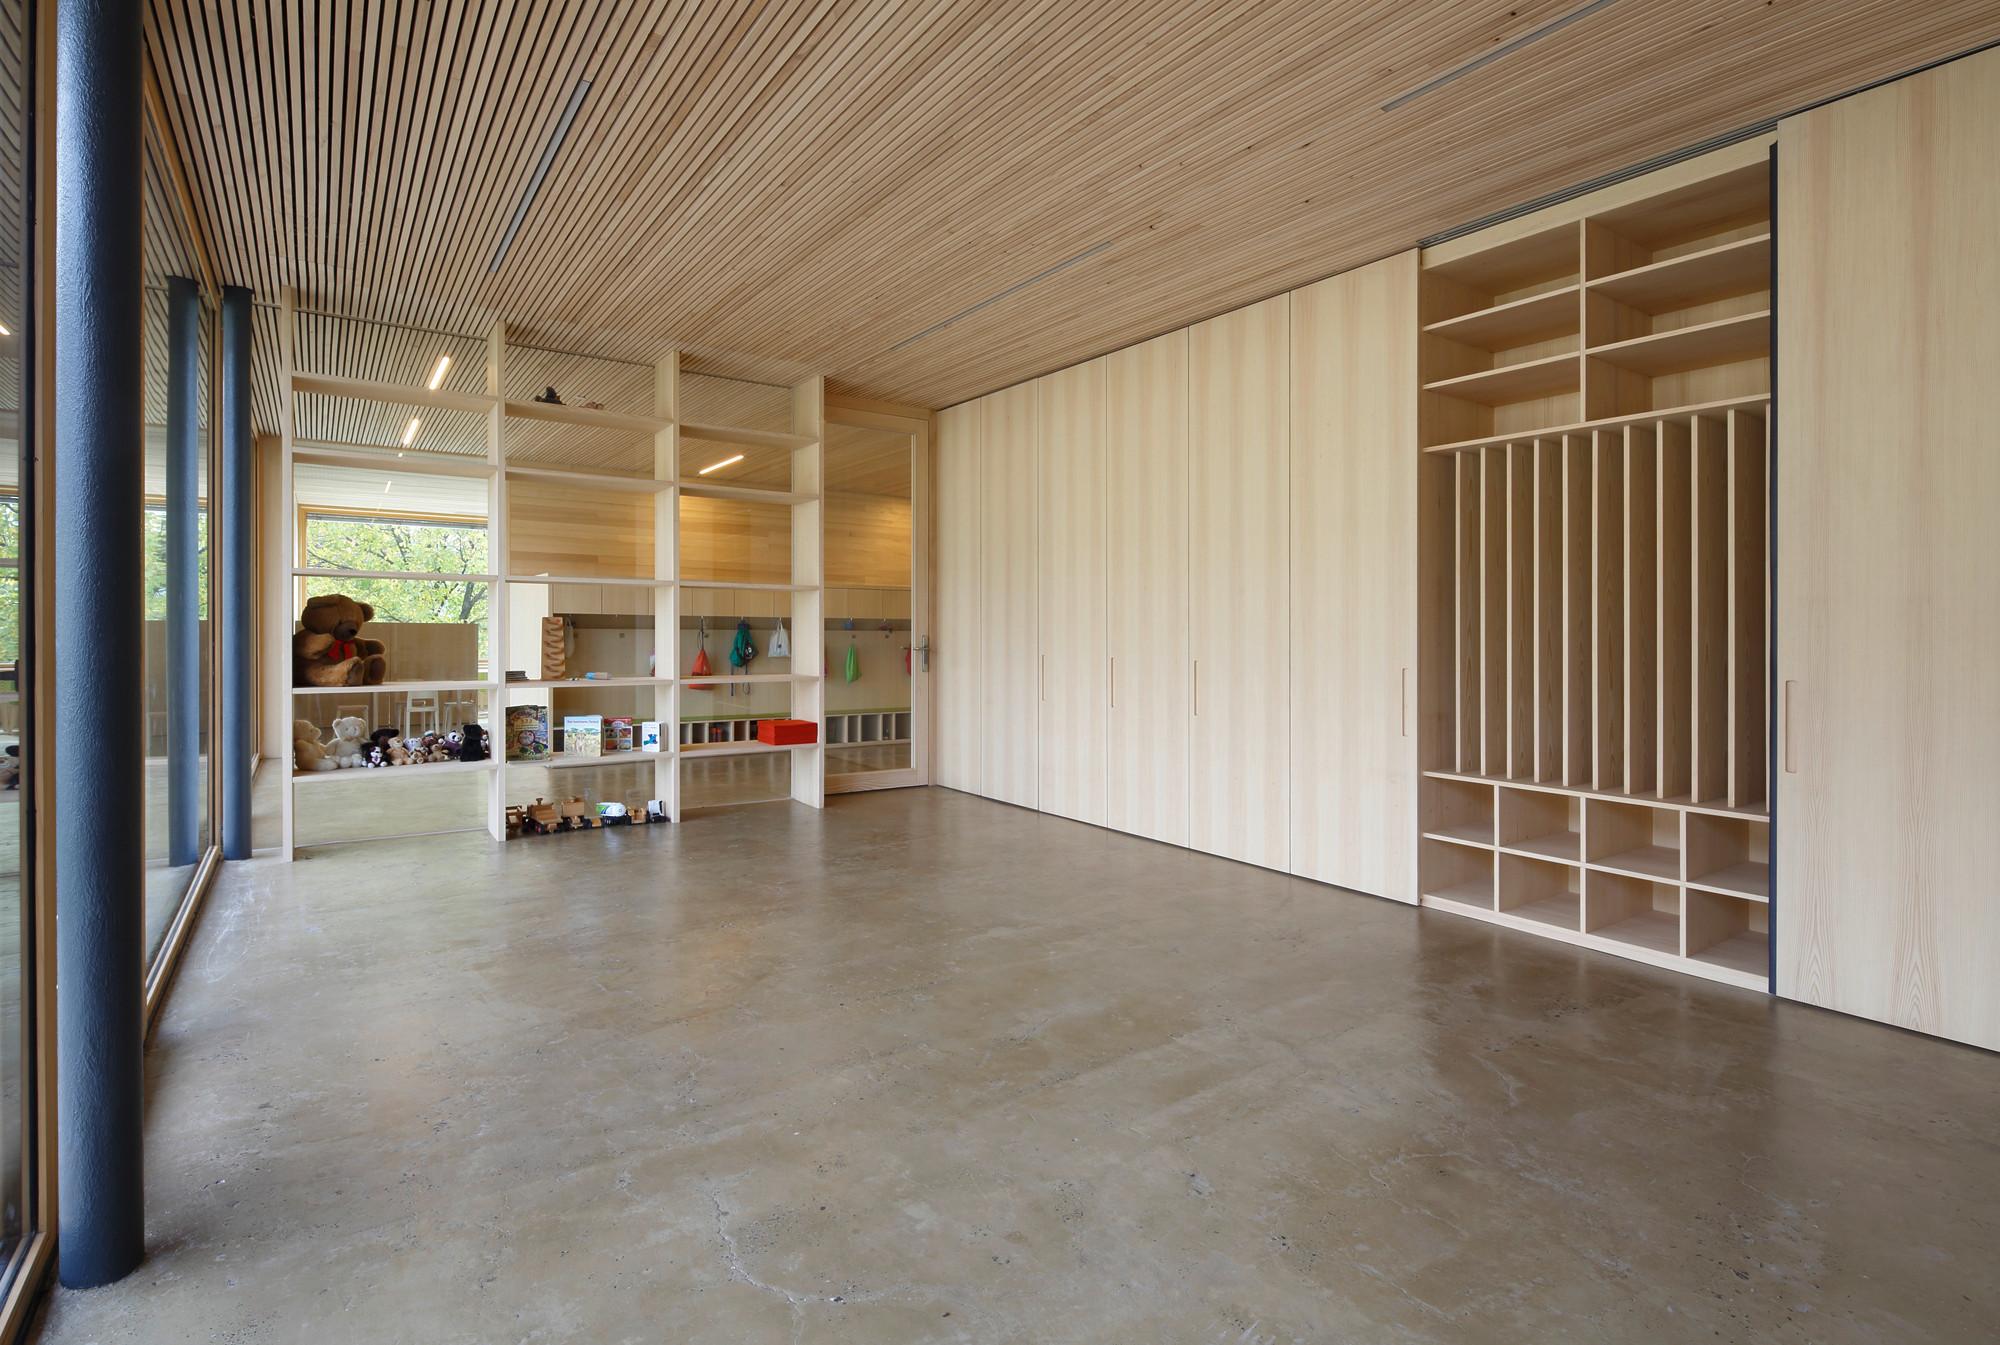 kindergarten muntlix in zwischenwasser heizung kultur bildung baunetz wissen. Black Bedroom Furniture Sets. Home Design Ideas